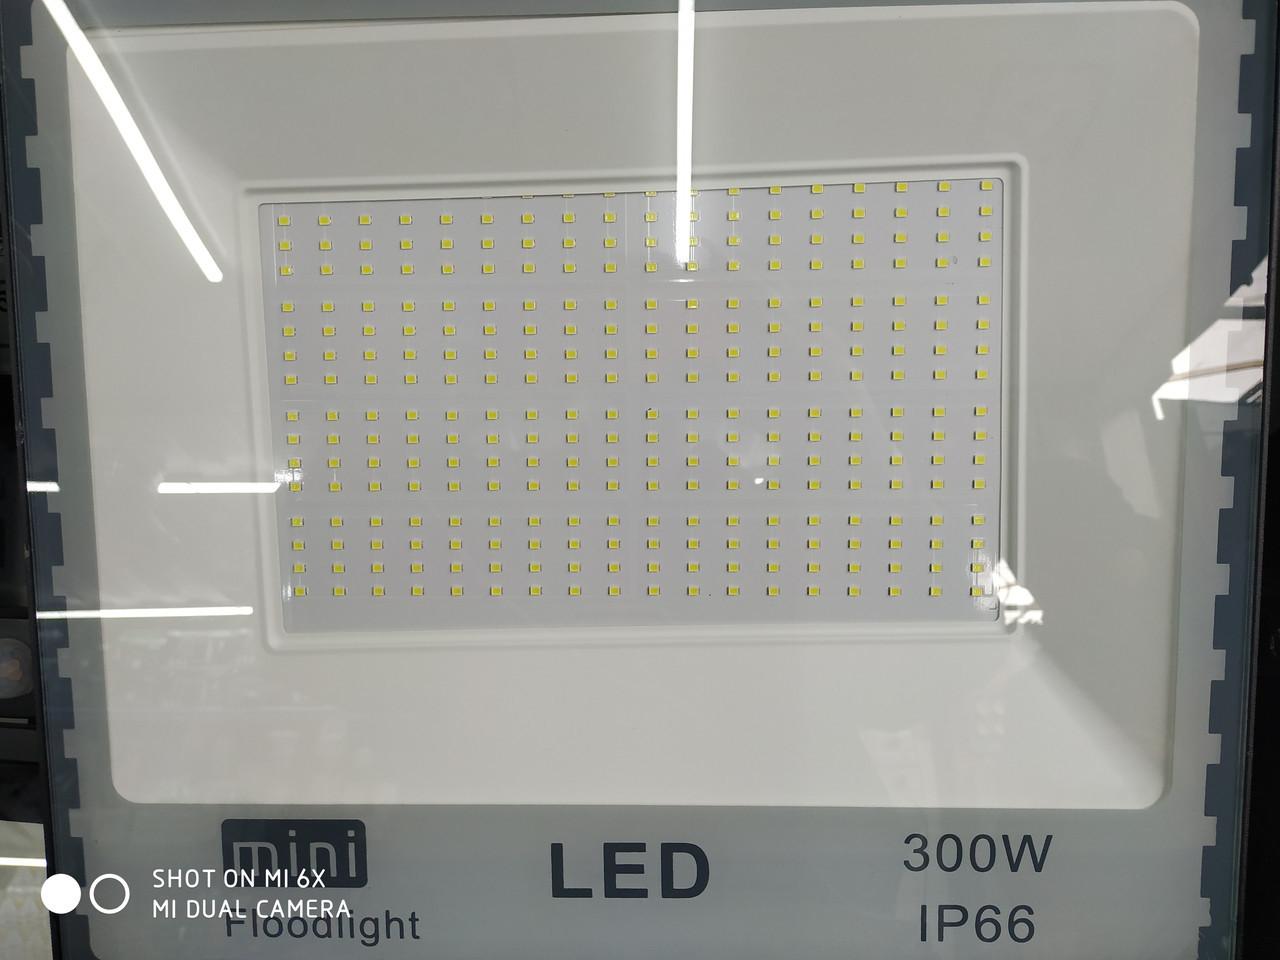 Прожектор LED mini Floodiight  300W    IP66